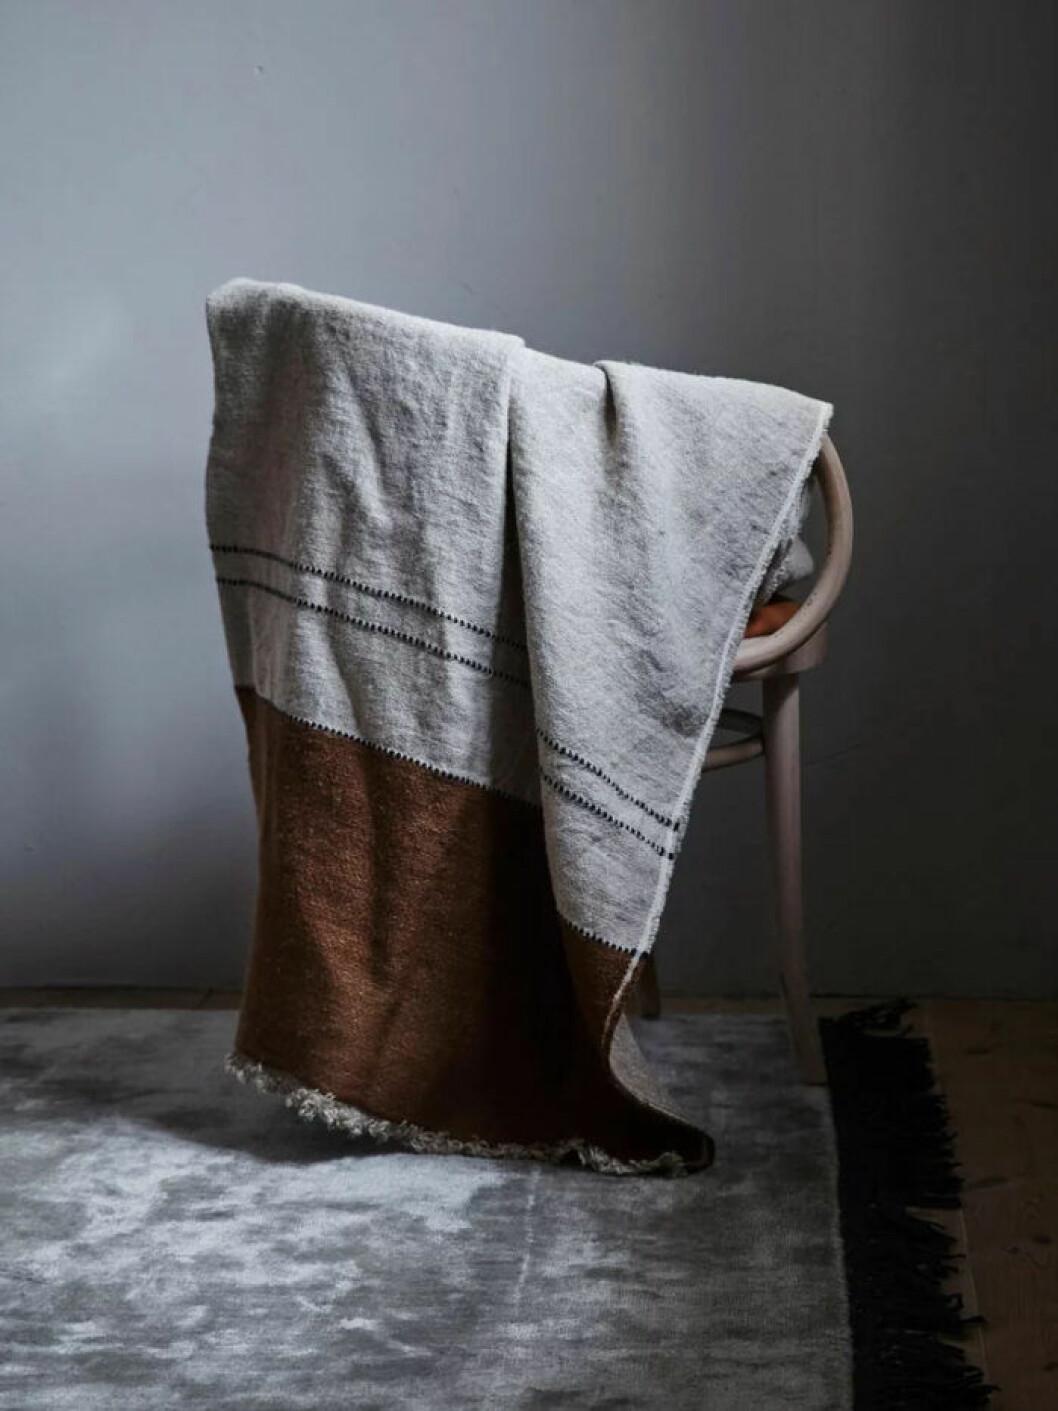 Lyxig filt som även fungerar som badlakan